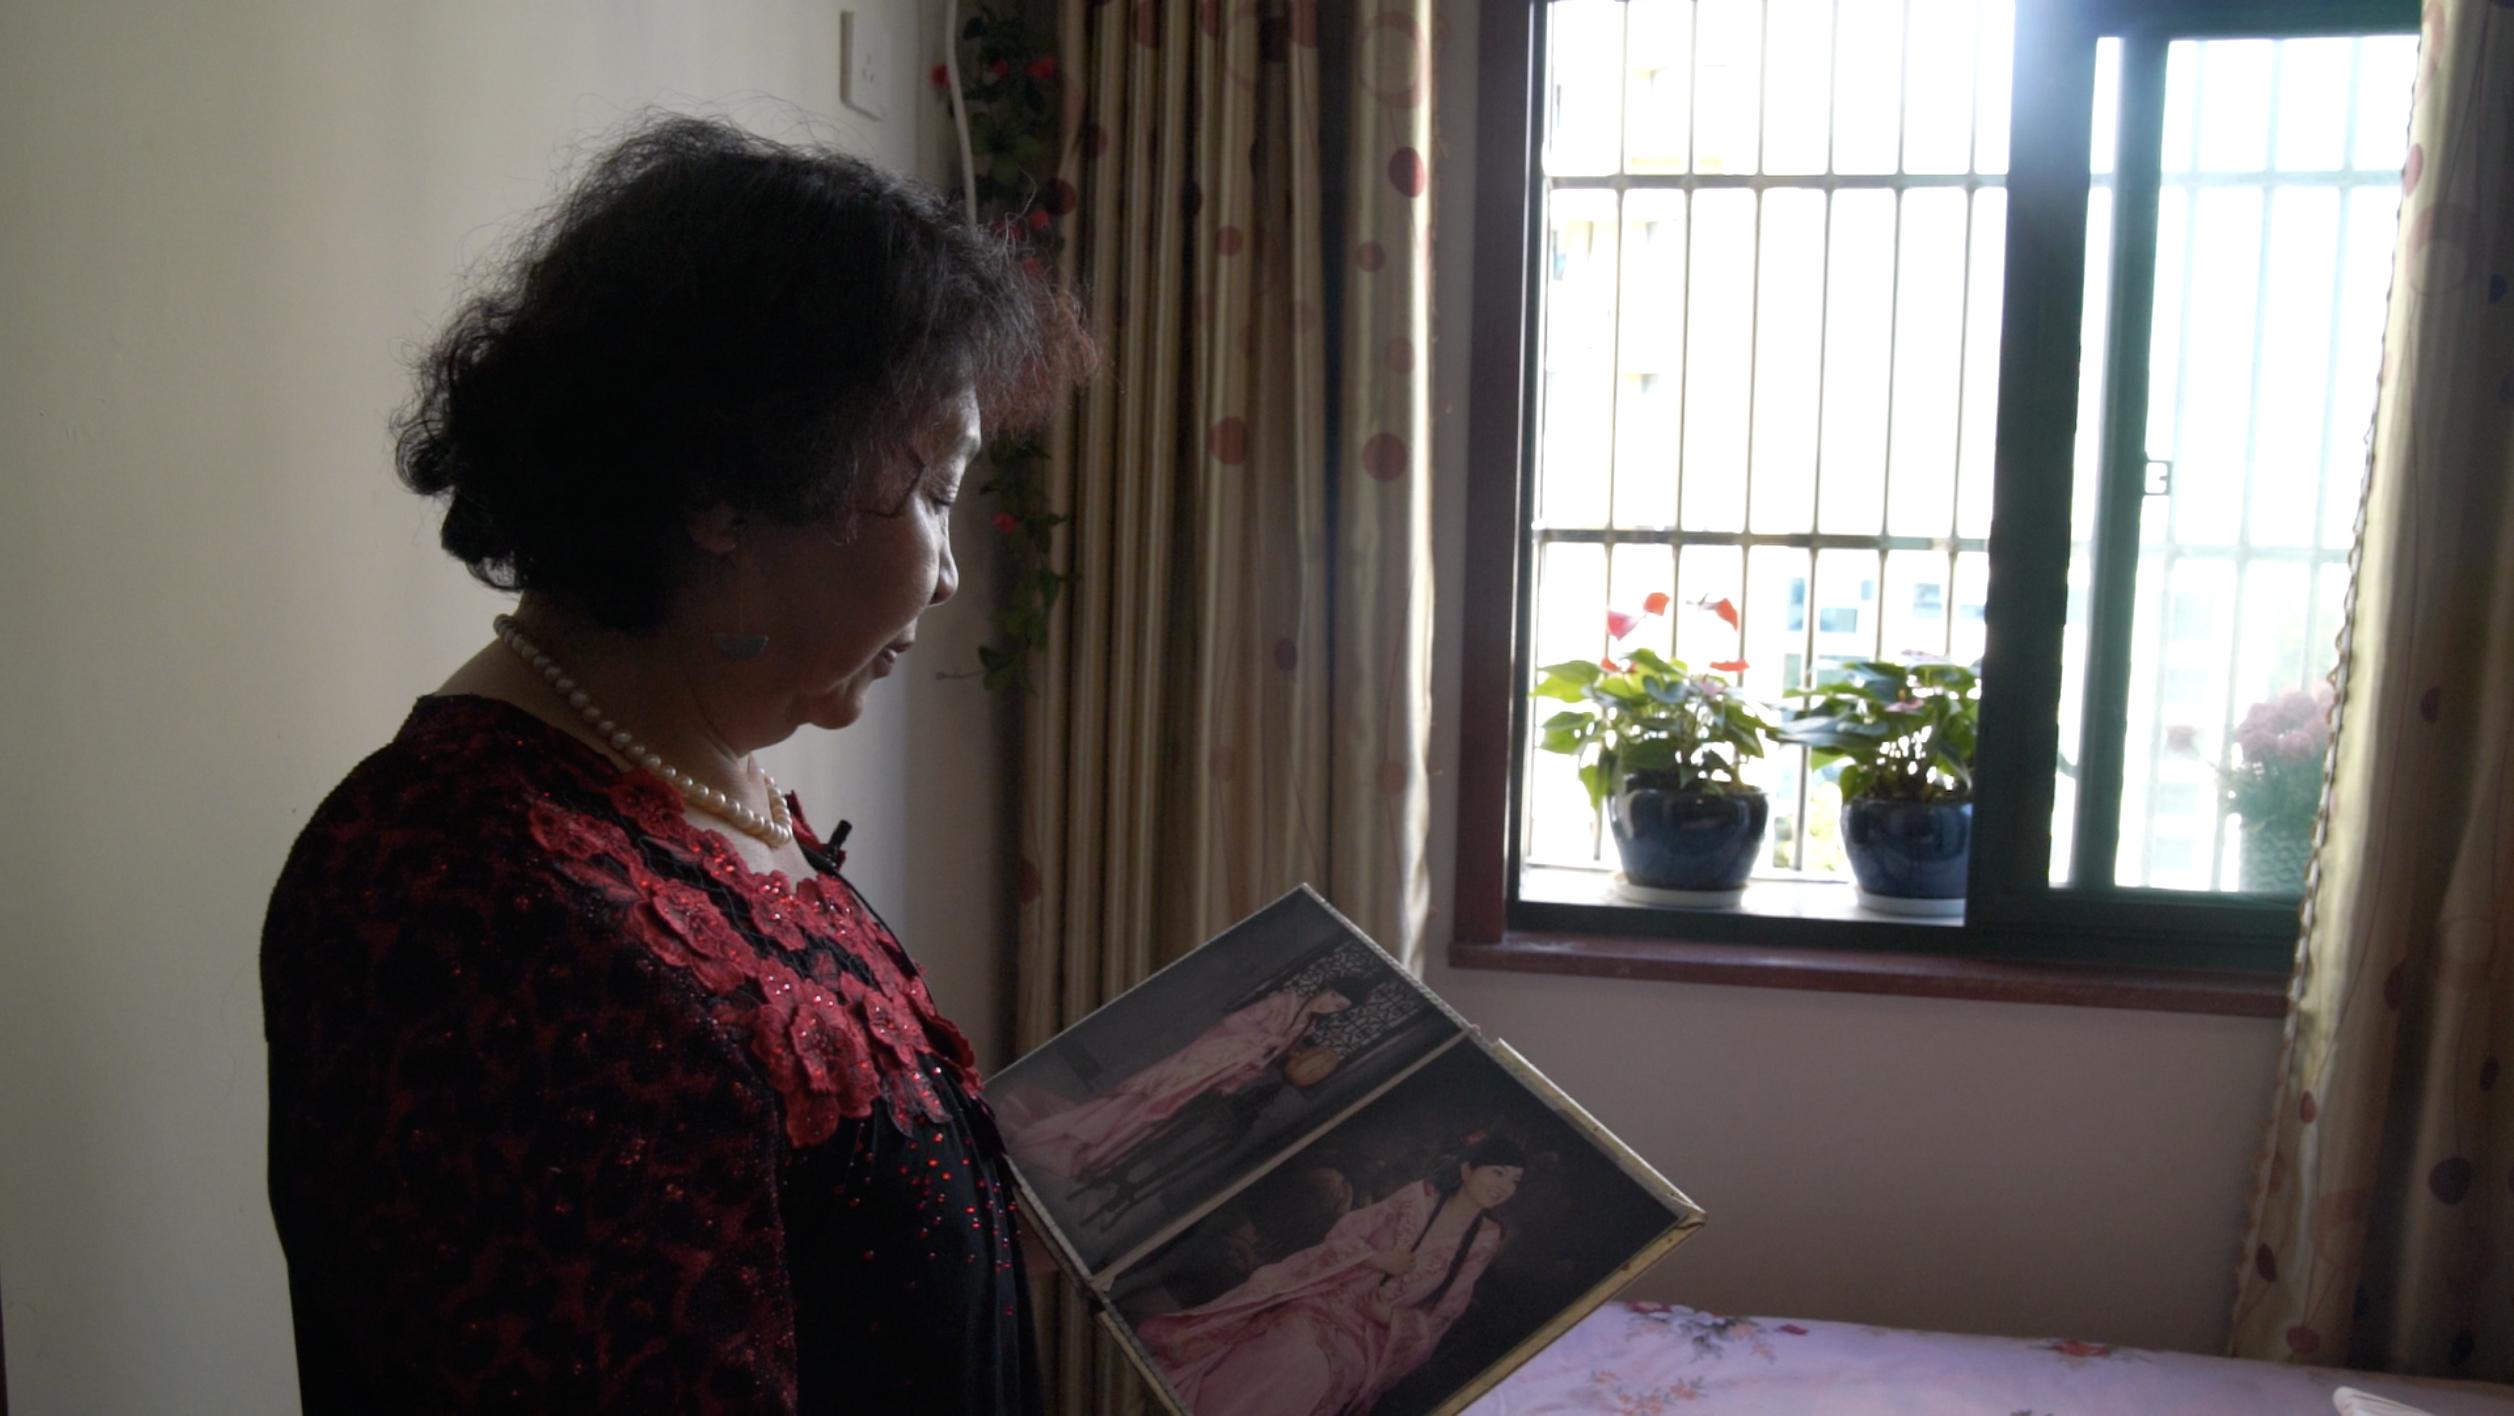 盛海琳在看女儿婷婷的照片。来源:视频截图